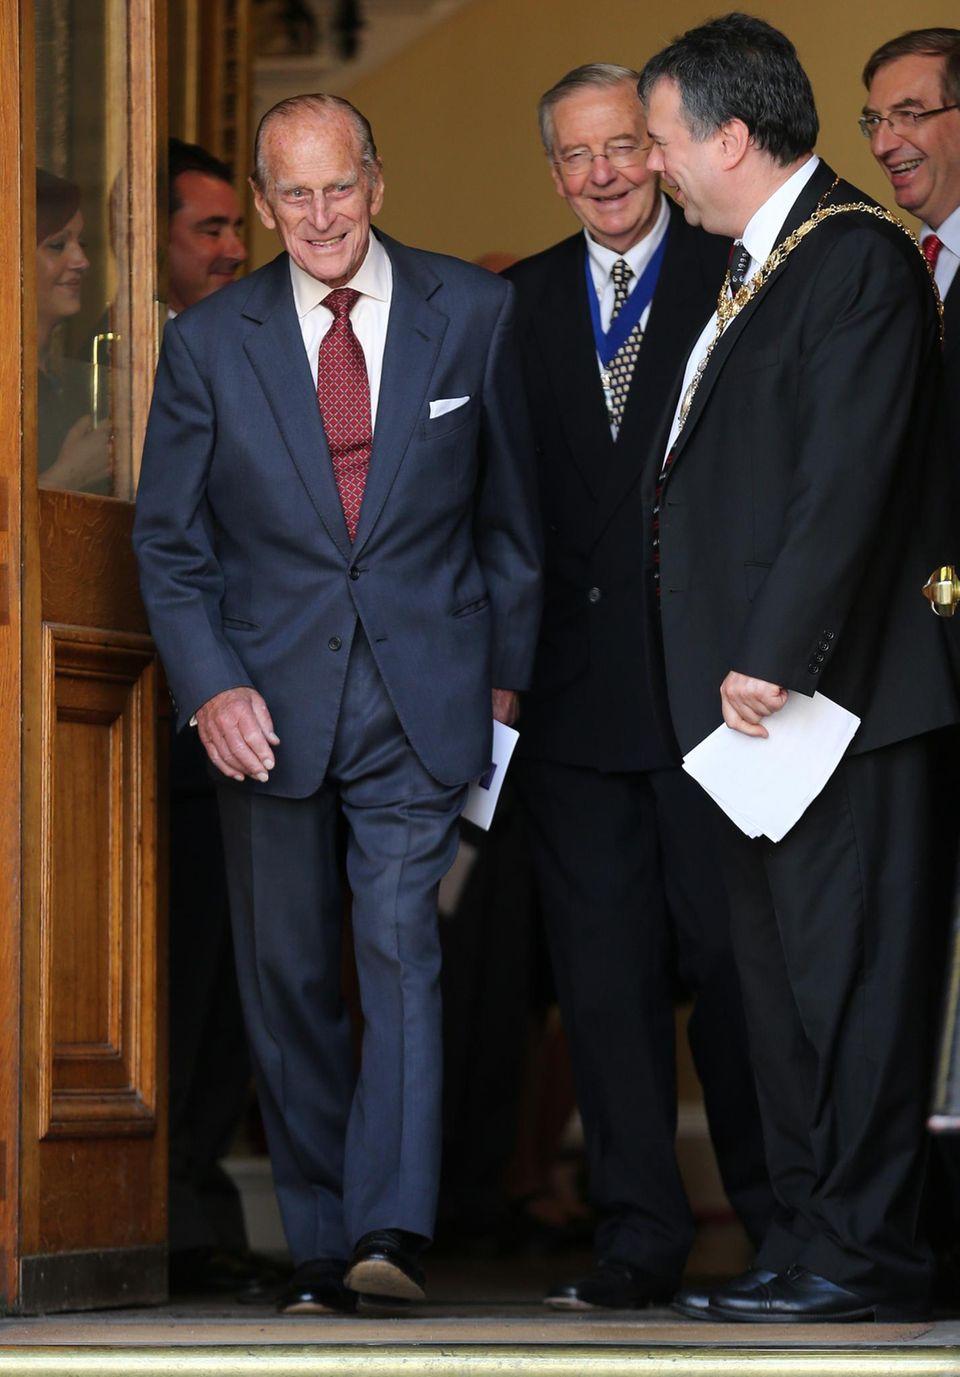 Prinz Philip ist nach der Medaillenvergabe im schottischen Edinburgh bester Dinge.